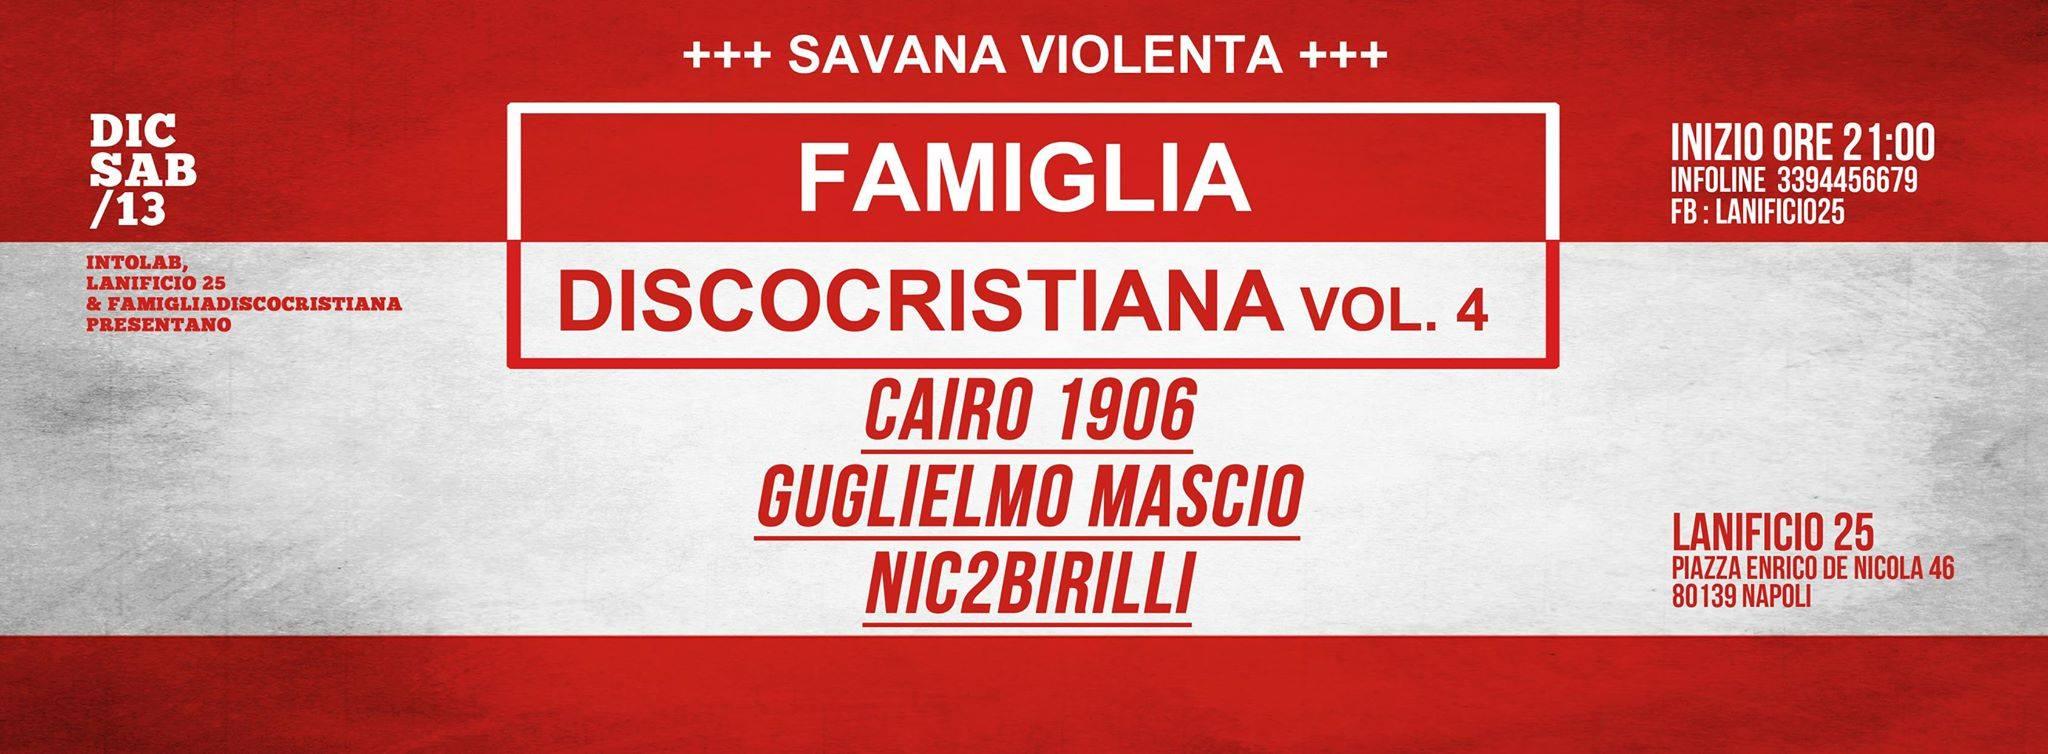 La migliore musica in vinile scelta da Famiglia Discocristiana per il pubblico del Lanificio25.